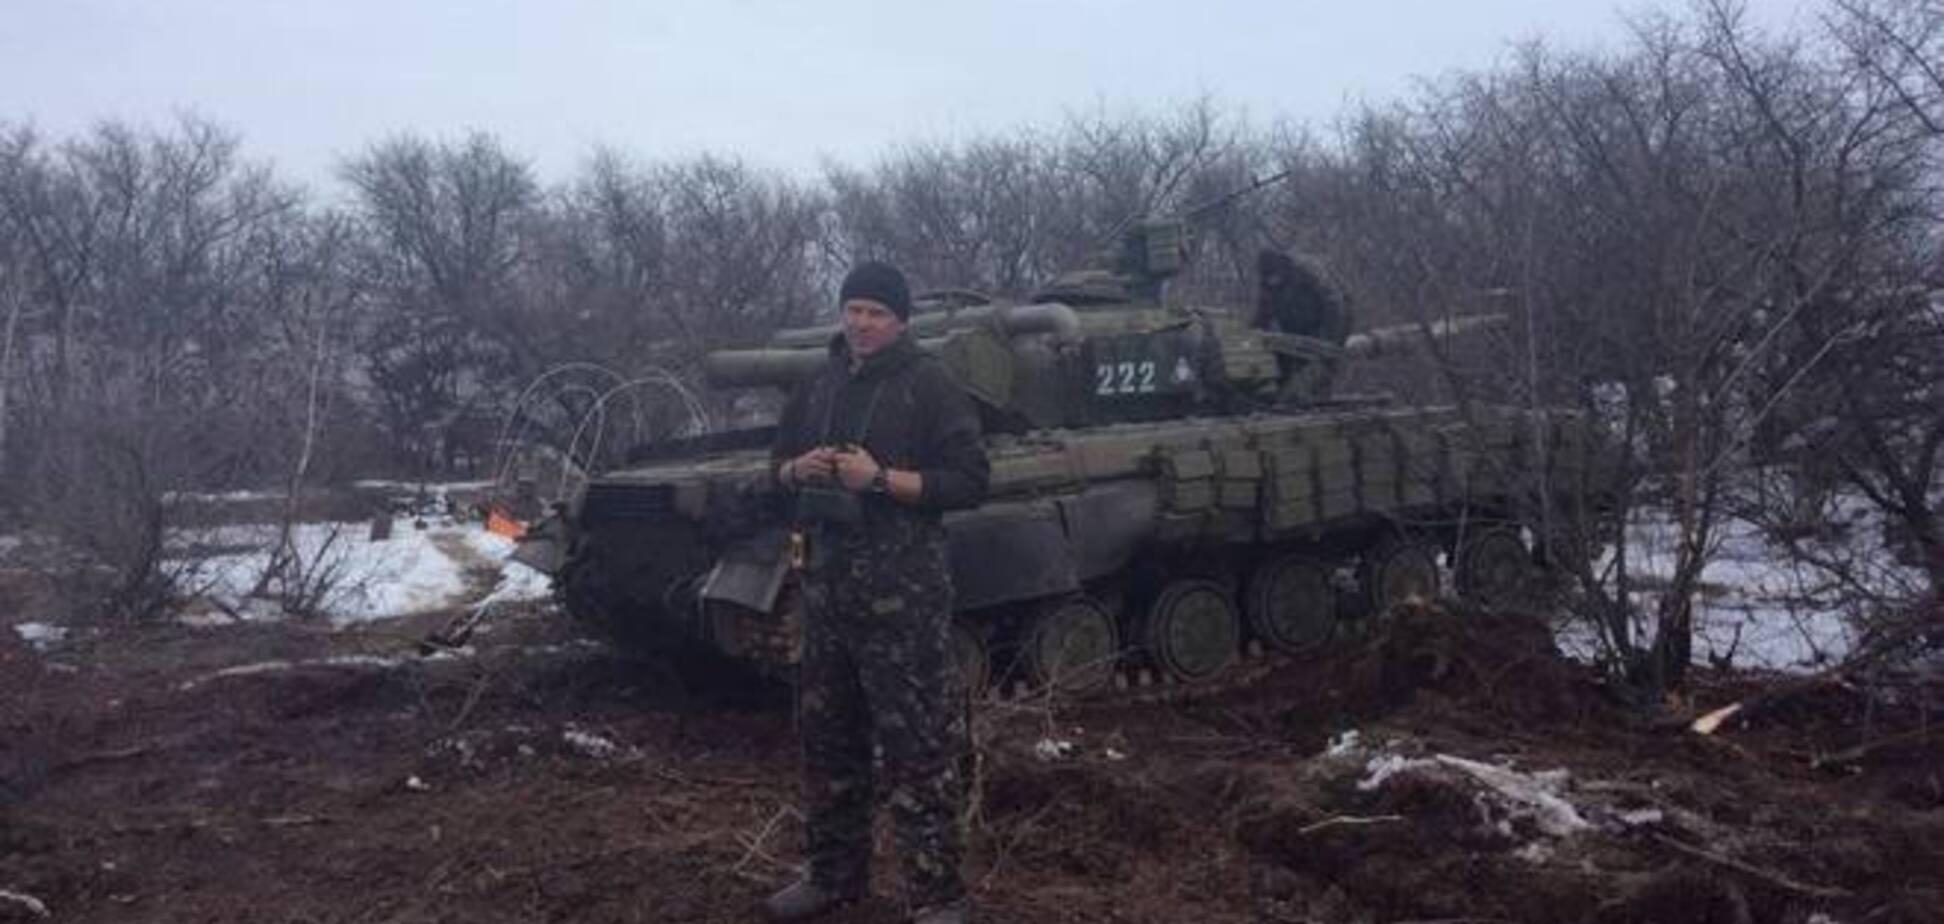 Бойцы показали 'отжатую' у россиян под Дебальцево технику: теперь пусть за нас повоюет